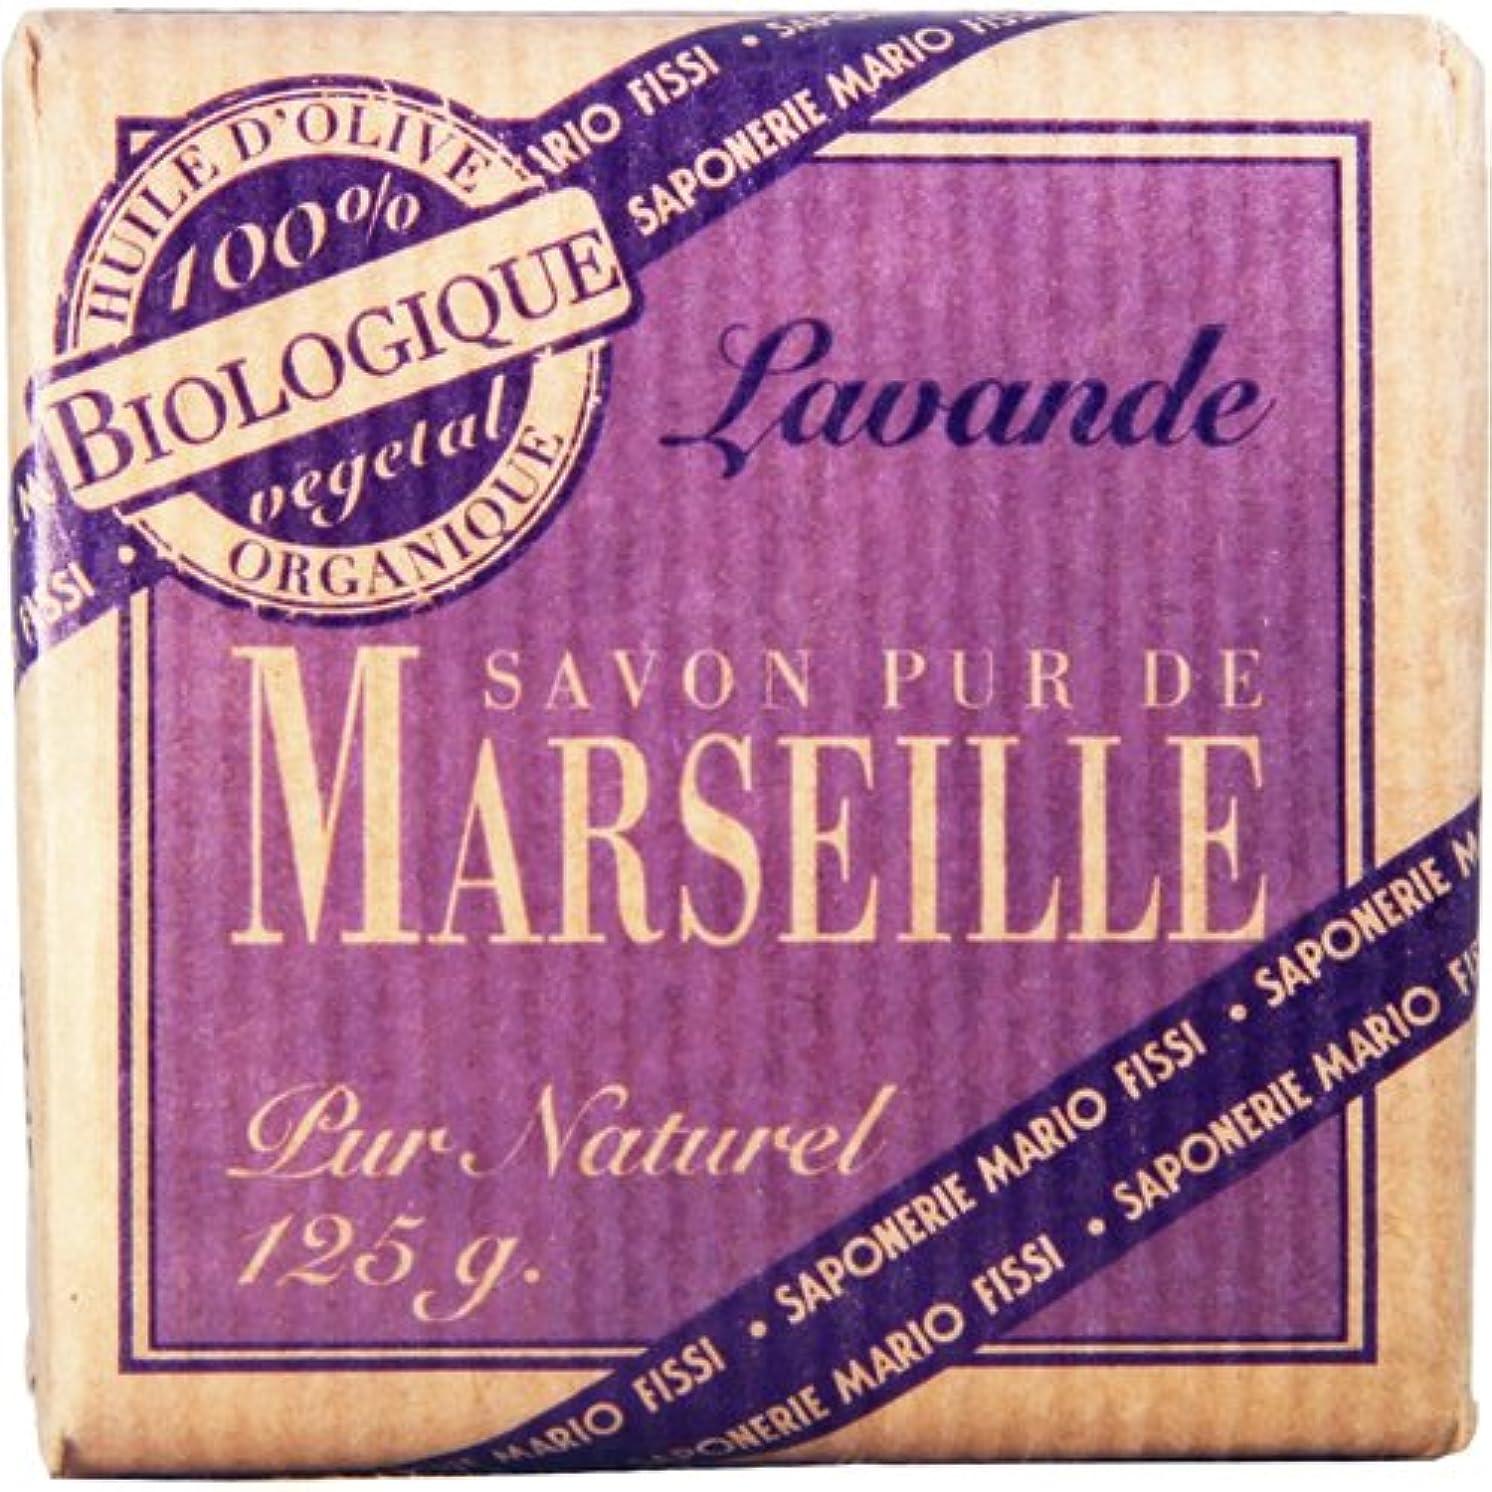 崇拝しますスクラブ火炎Saponerire Fissi マルセイユシリーズ マルセイユソープ 125g Lavender ラベンダー